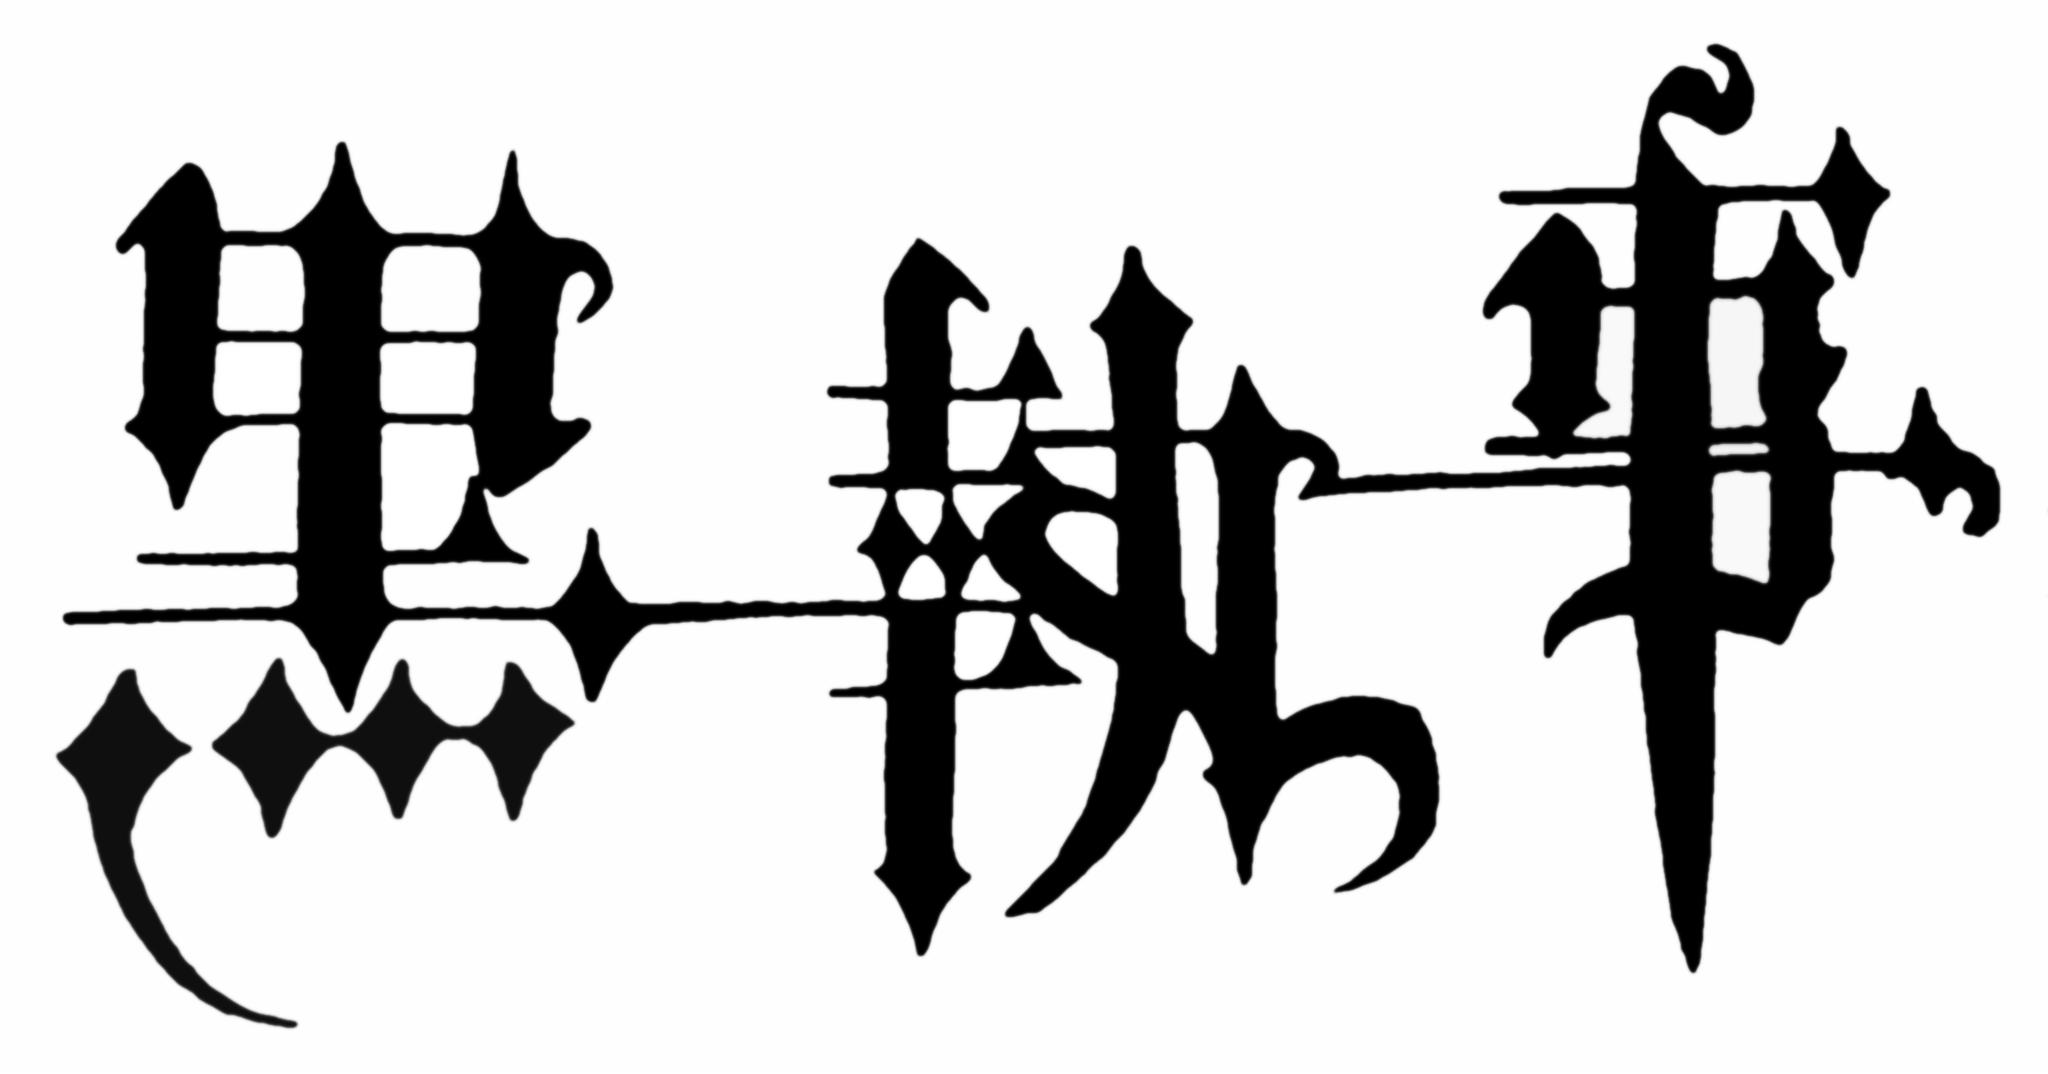 Kuroshitsuji Logo by LorenzLeitner on DeviantArt.